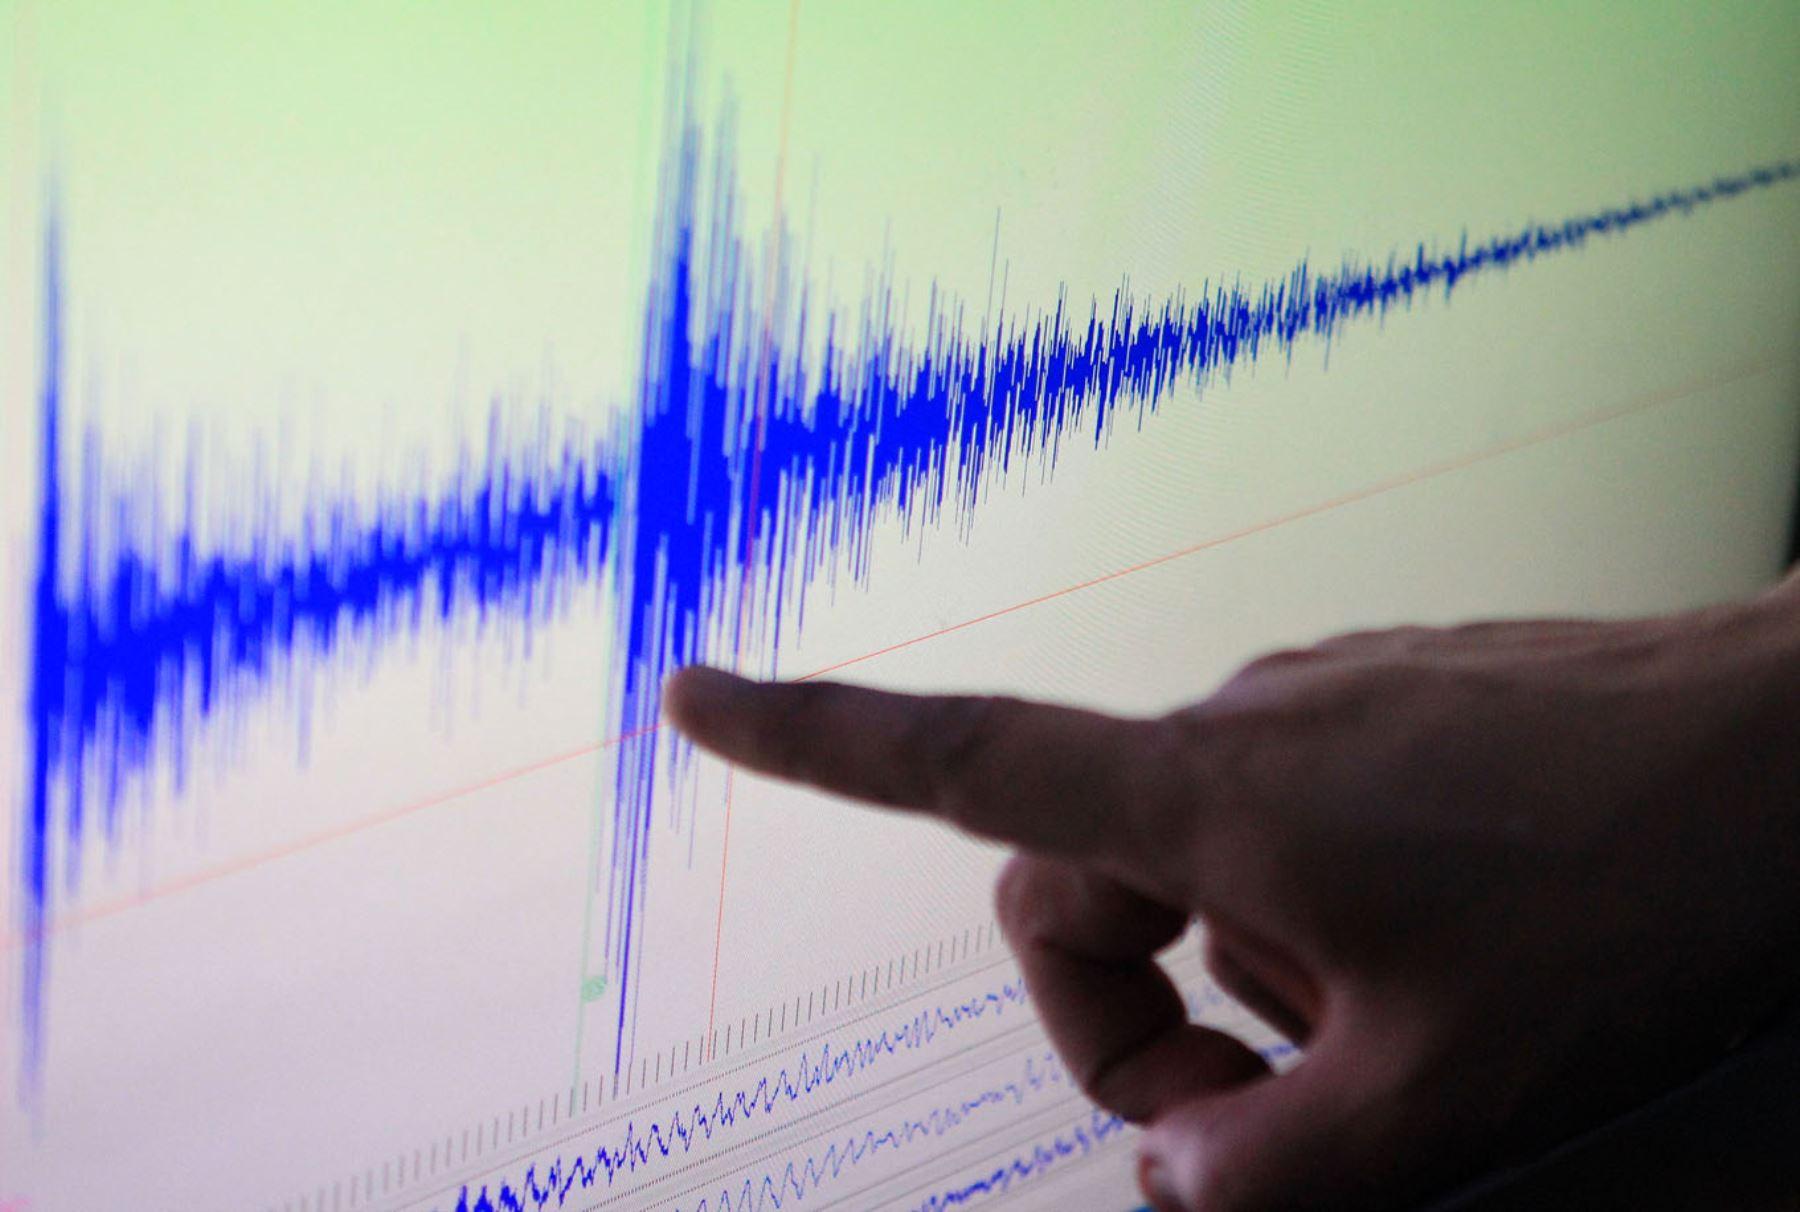 Dos sismos remecieron esta madrugada las regiones de Arequipa y Pasco. ANDINA/Héctor Vinces